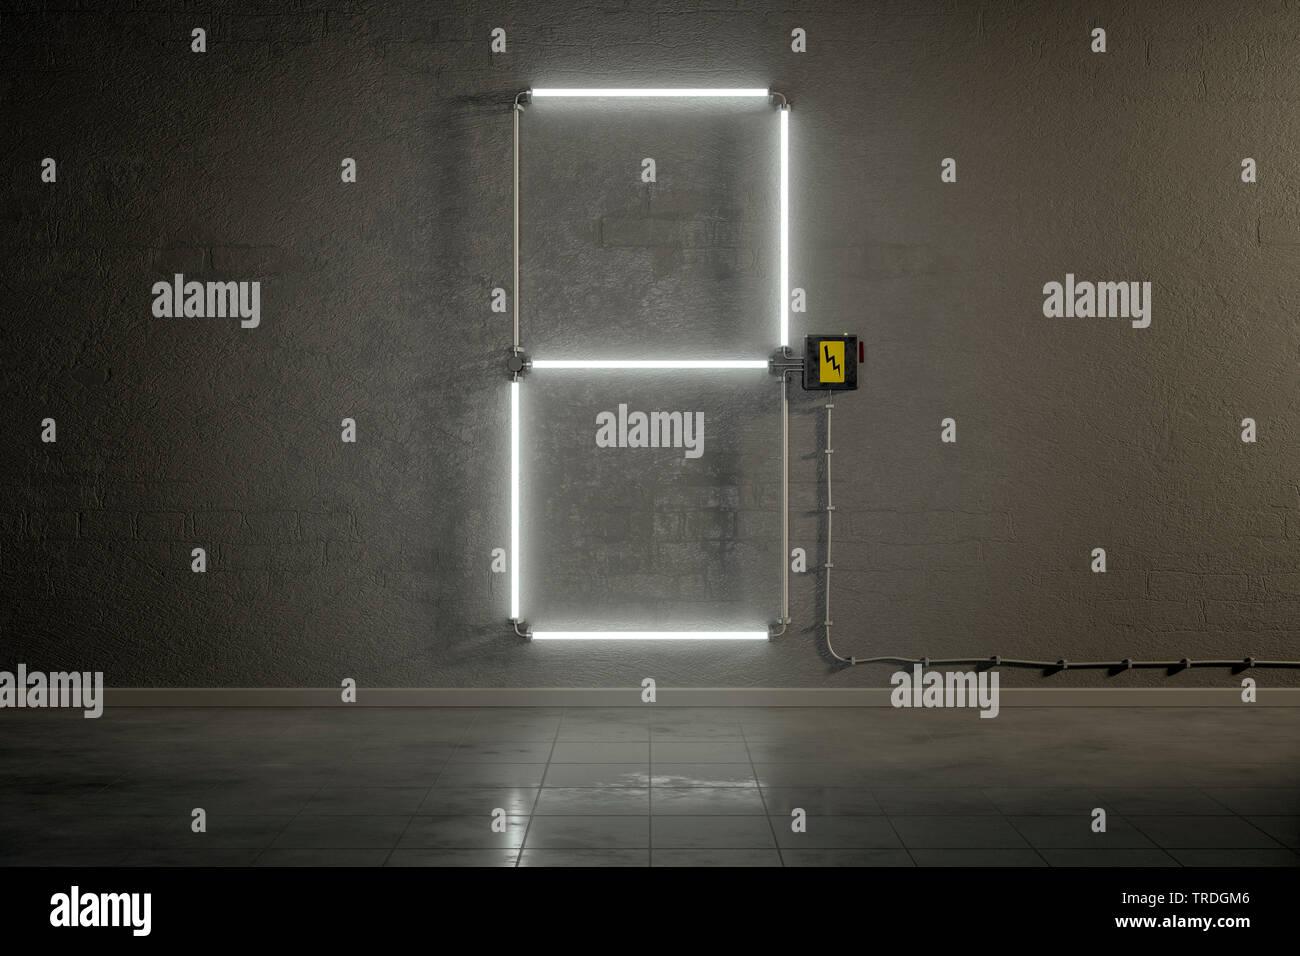 3D-Computergrafik, Einstellige Zaehler-Anzeige aus Neonlampen die Zahl 2 darstellend    3D computer graphic, one-digit counter built out of neon tubes - Stock Image